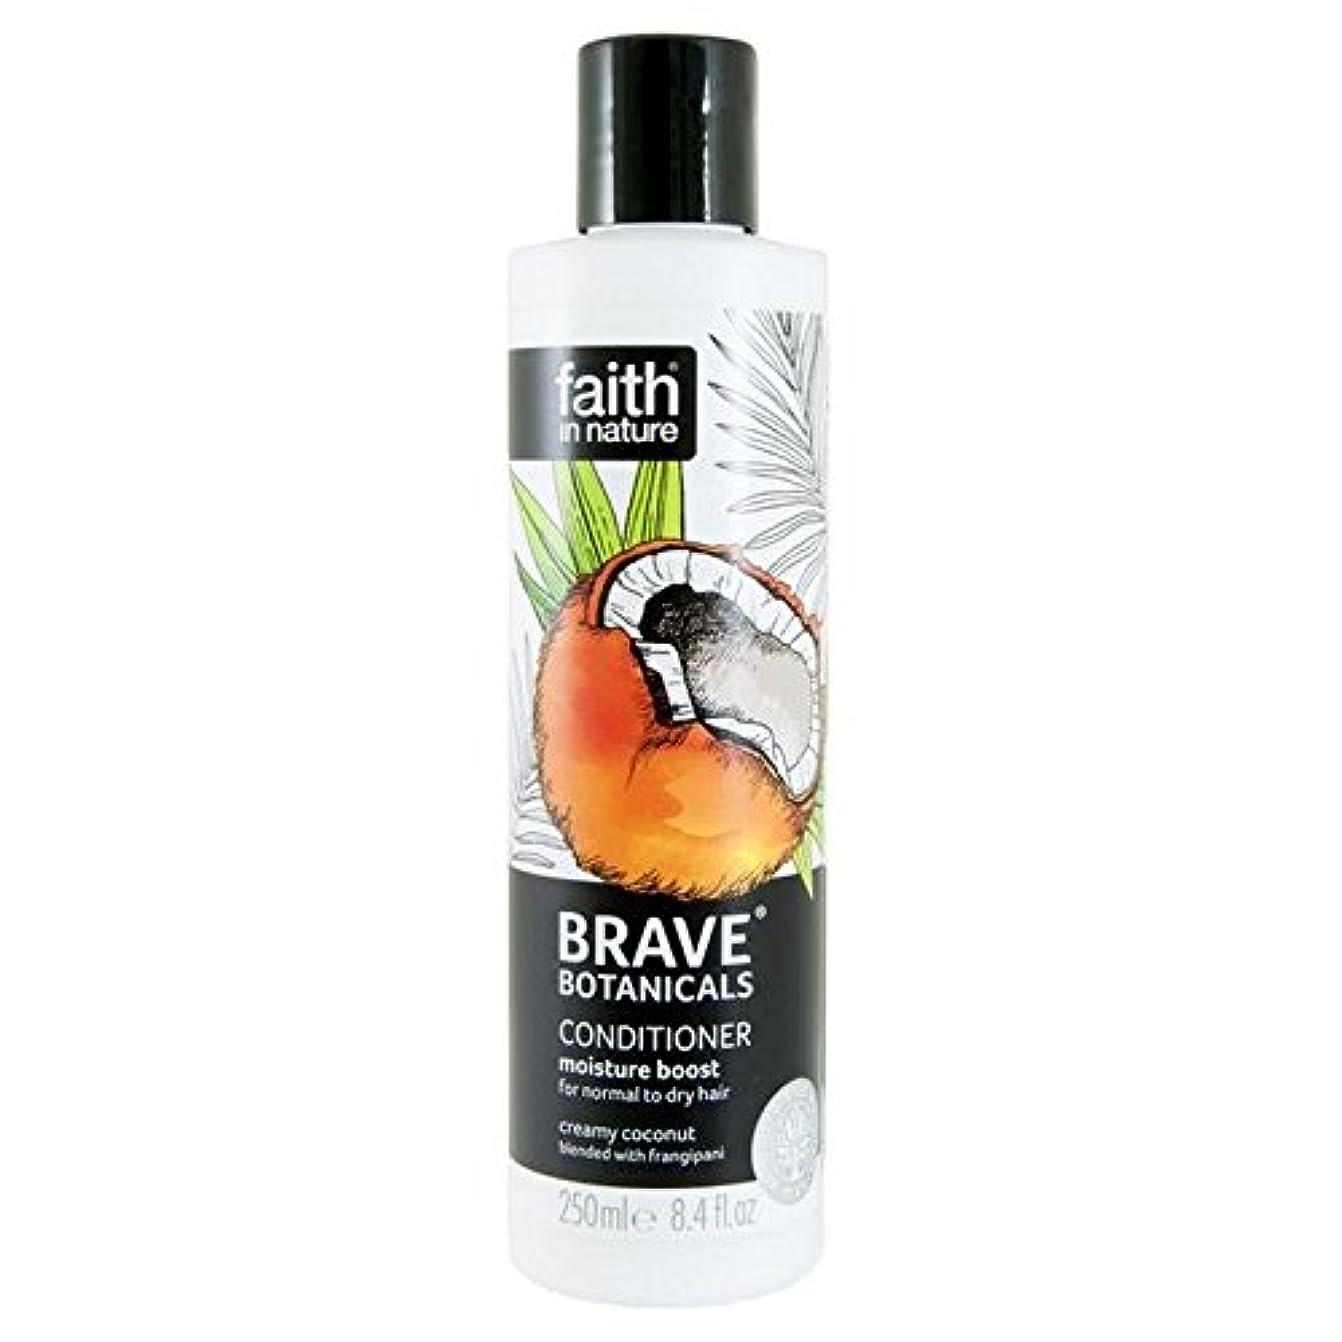 慣れるパイロット軍団Brave Botanicals Coconut & Frangipani Moisture Boost Conditioner 250ml (Pack of 6) - (Faith In Nature) 勇敢な植物ココナッツ...